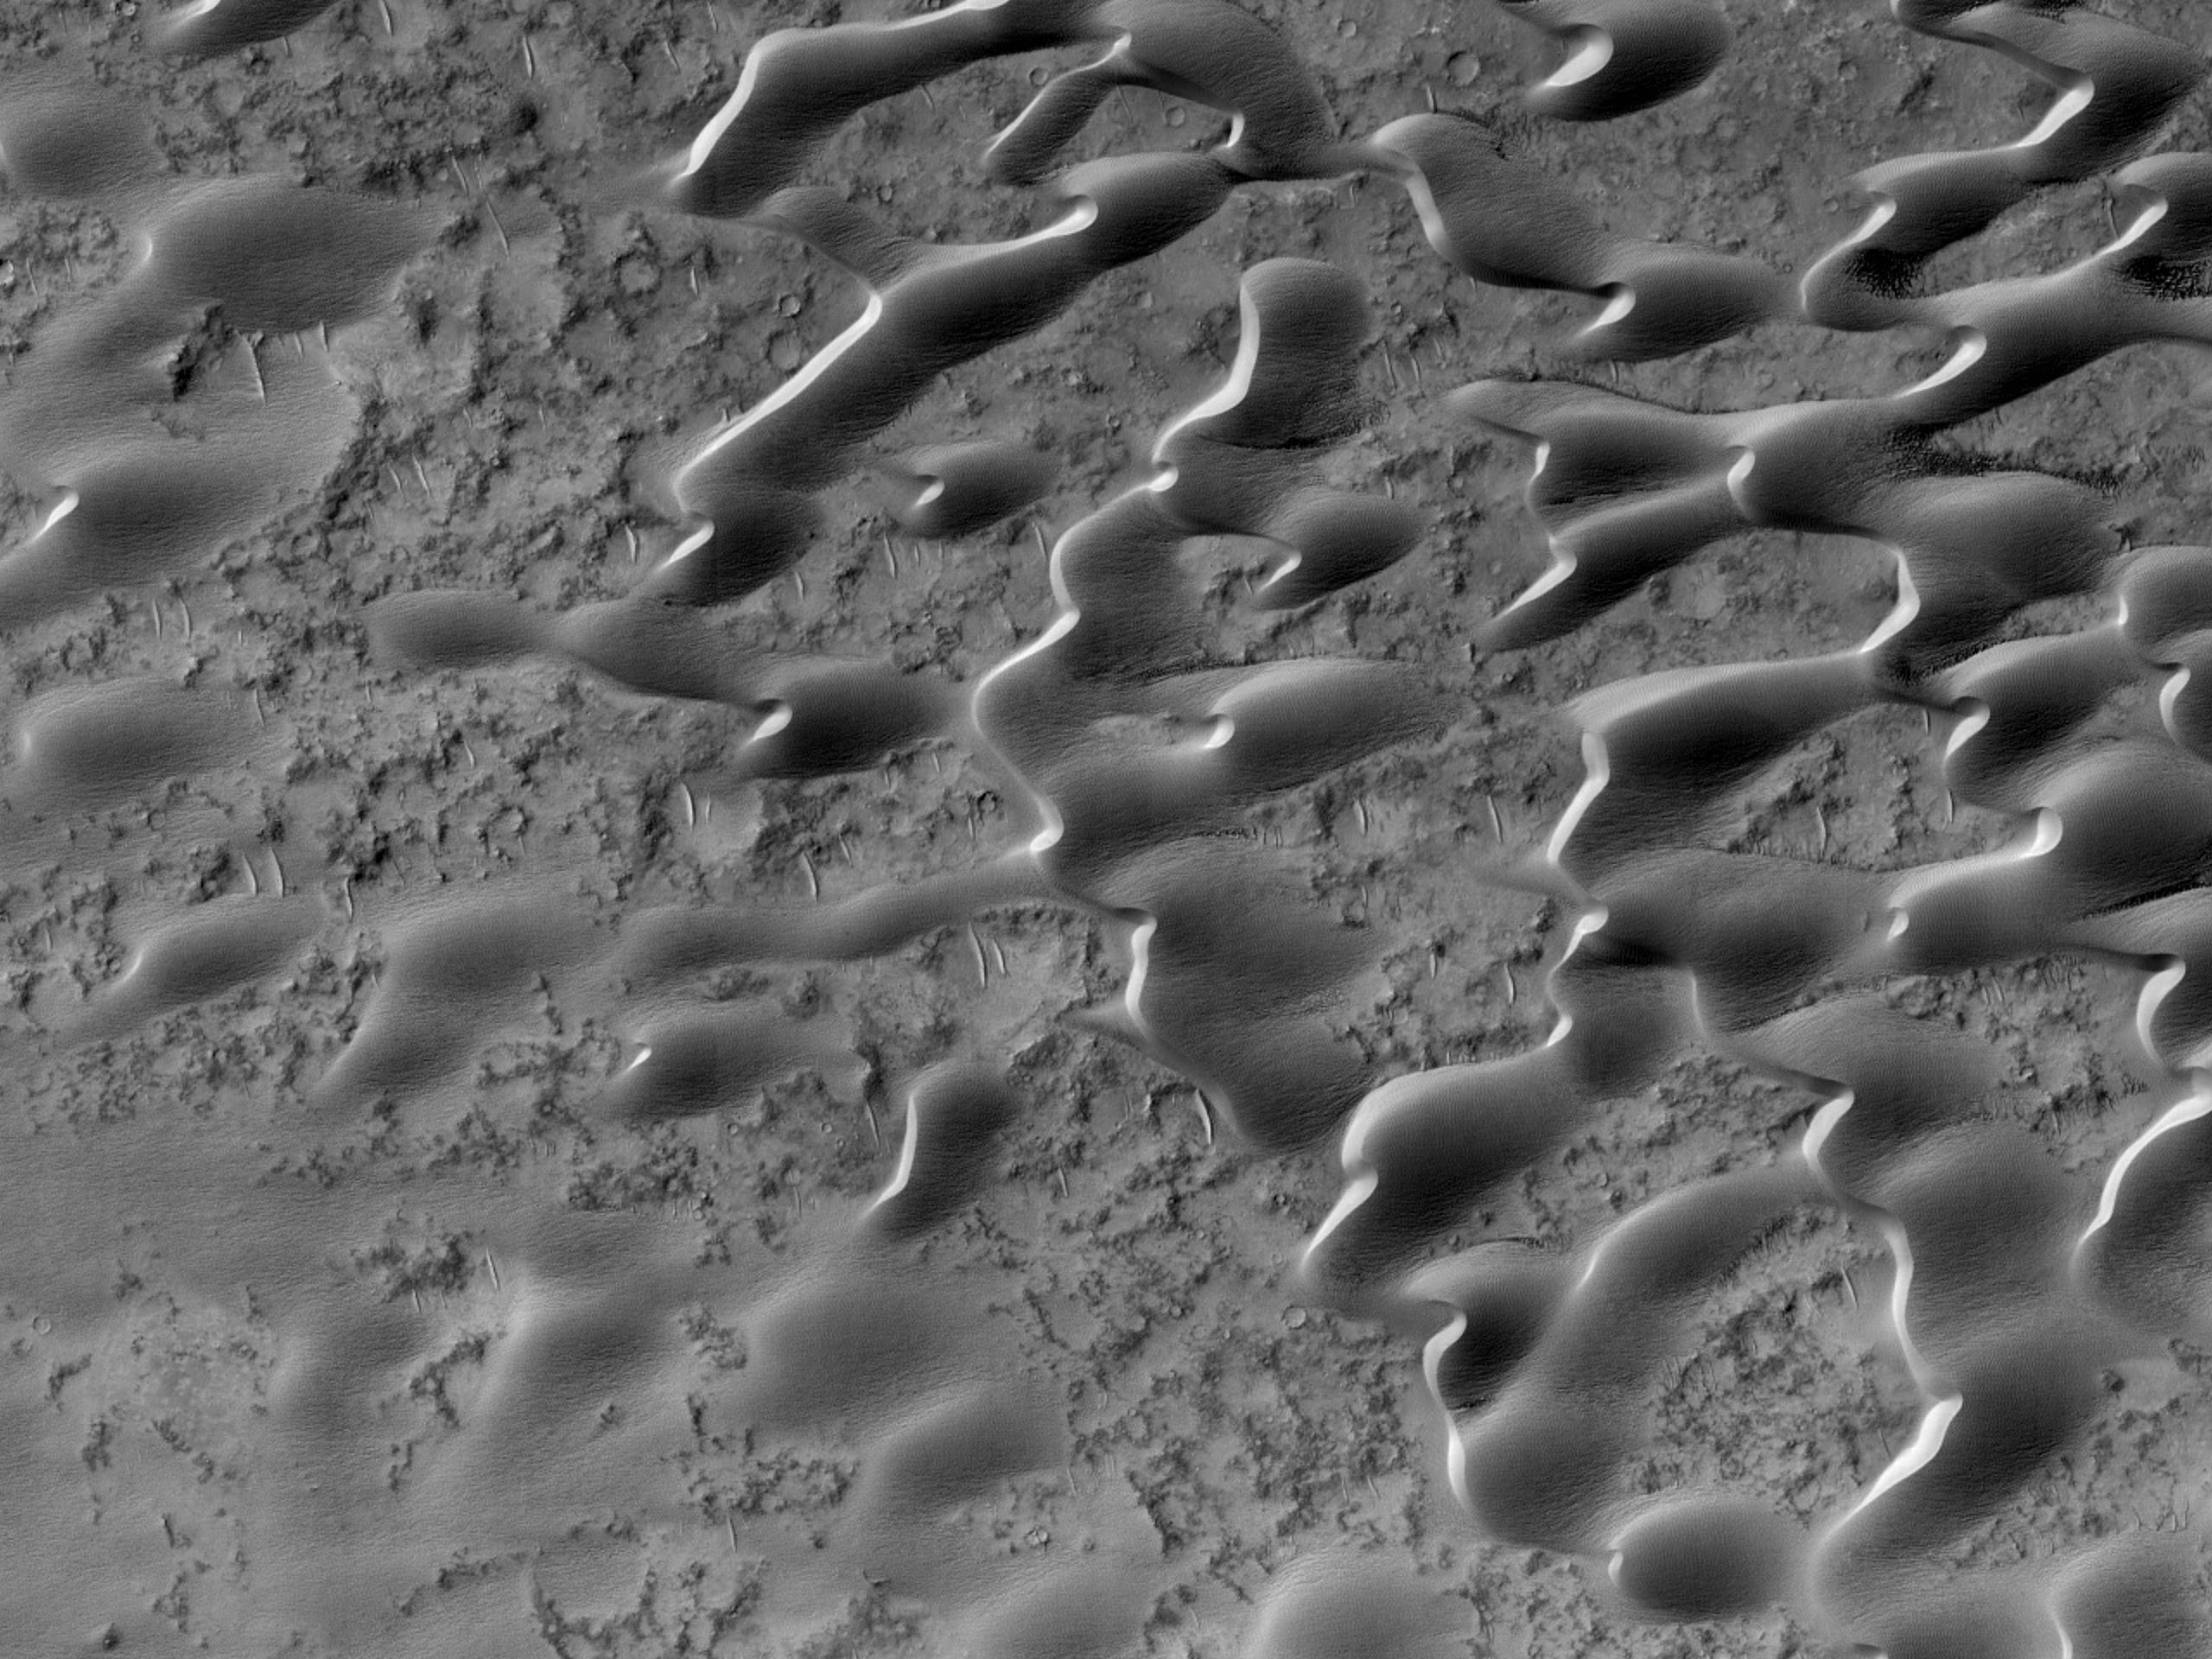 Pânză de nisip lângă Meroe Patera